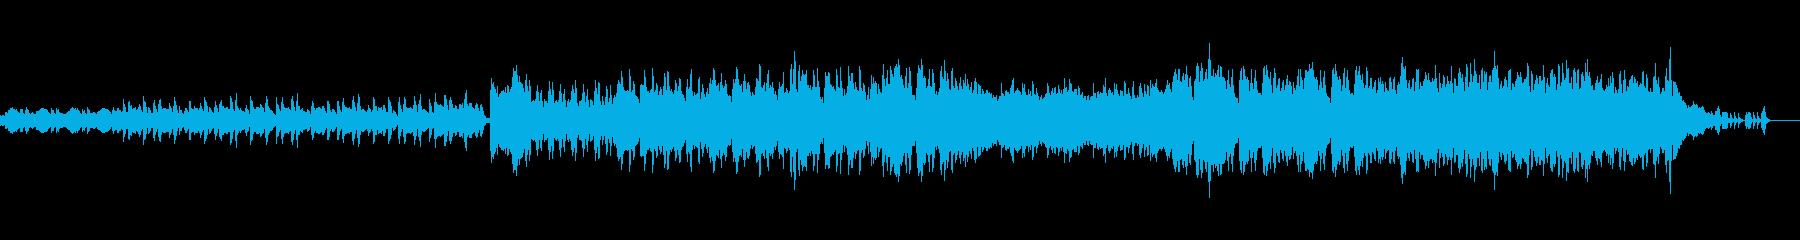 前にむかう力強いオケ風曲の再生済みの波形